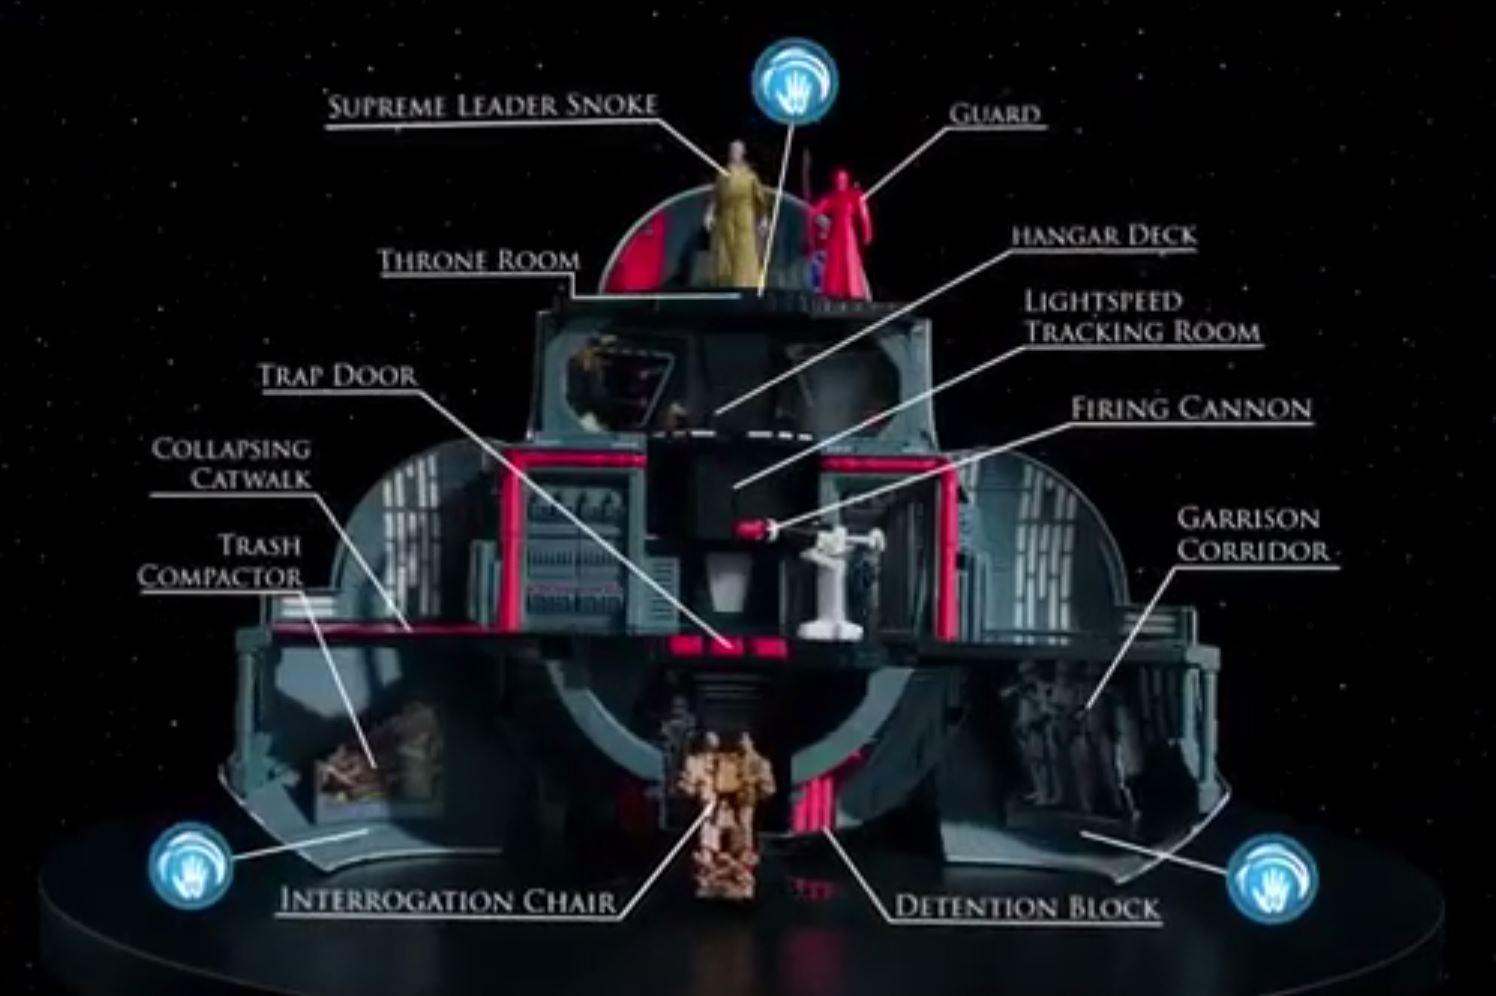 star wars the last jedi set bb-8 giocattolo ufficiale frasi personaggio